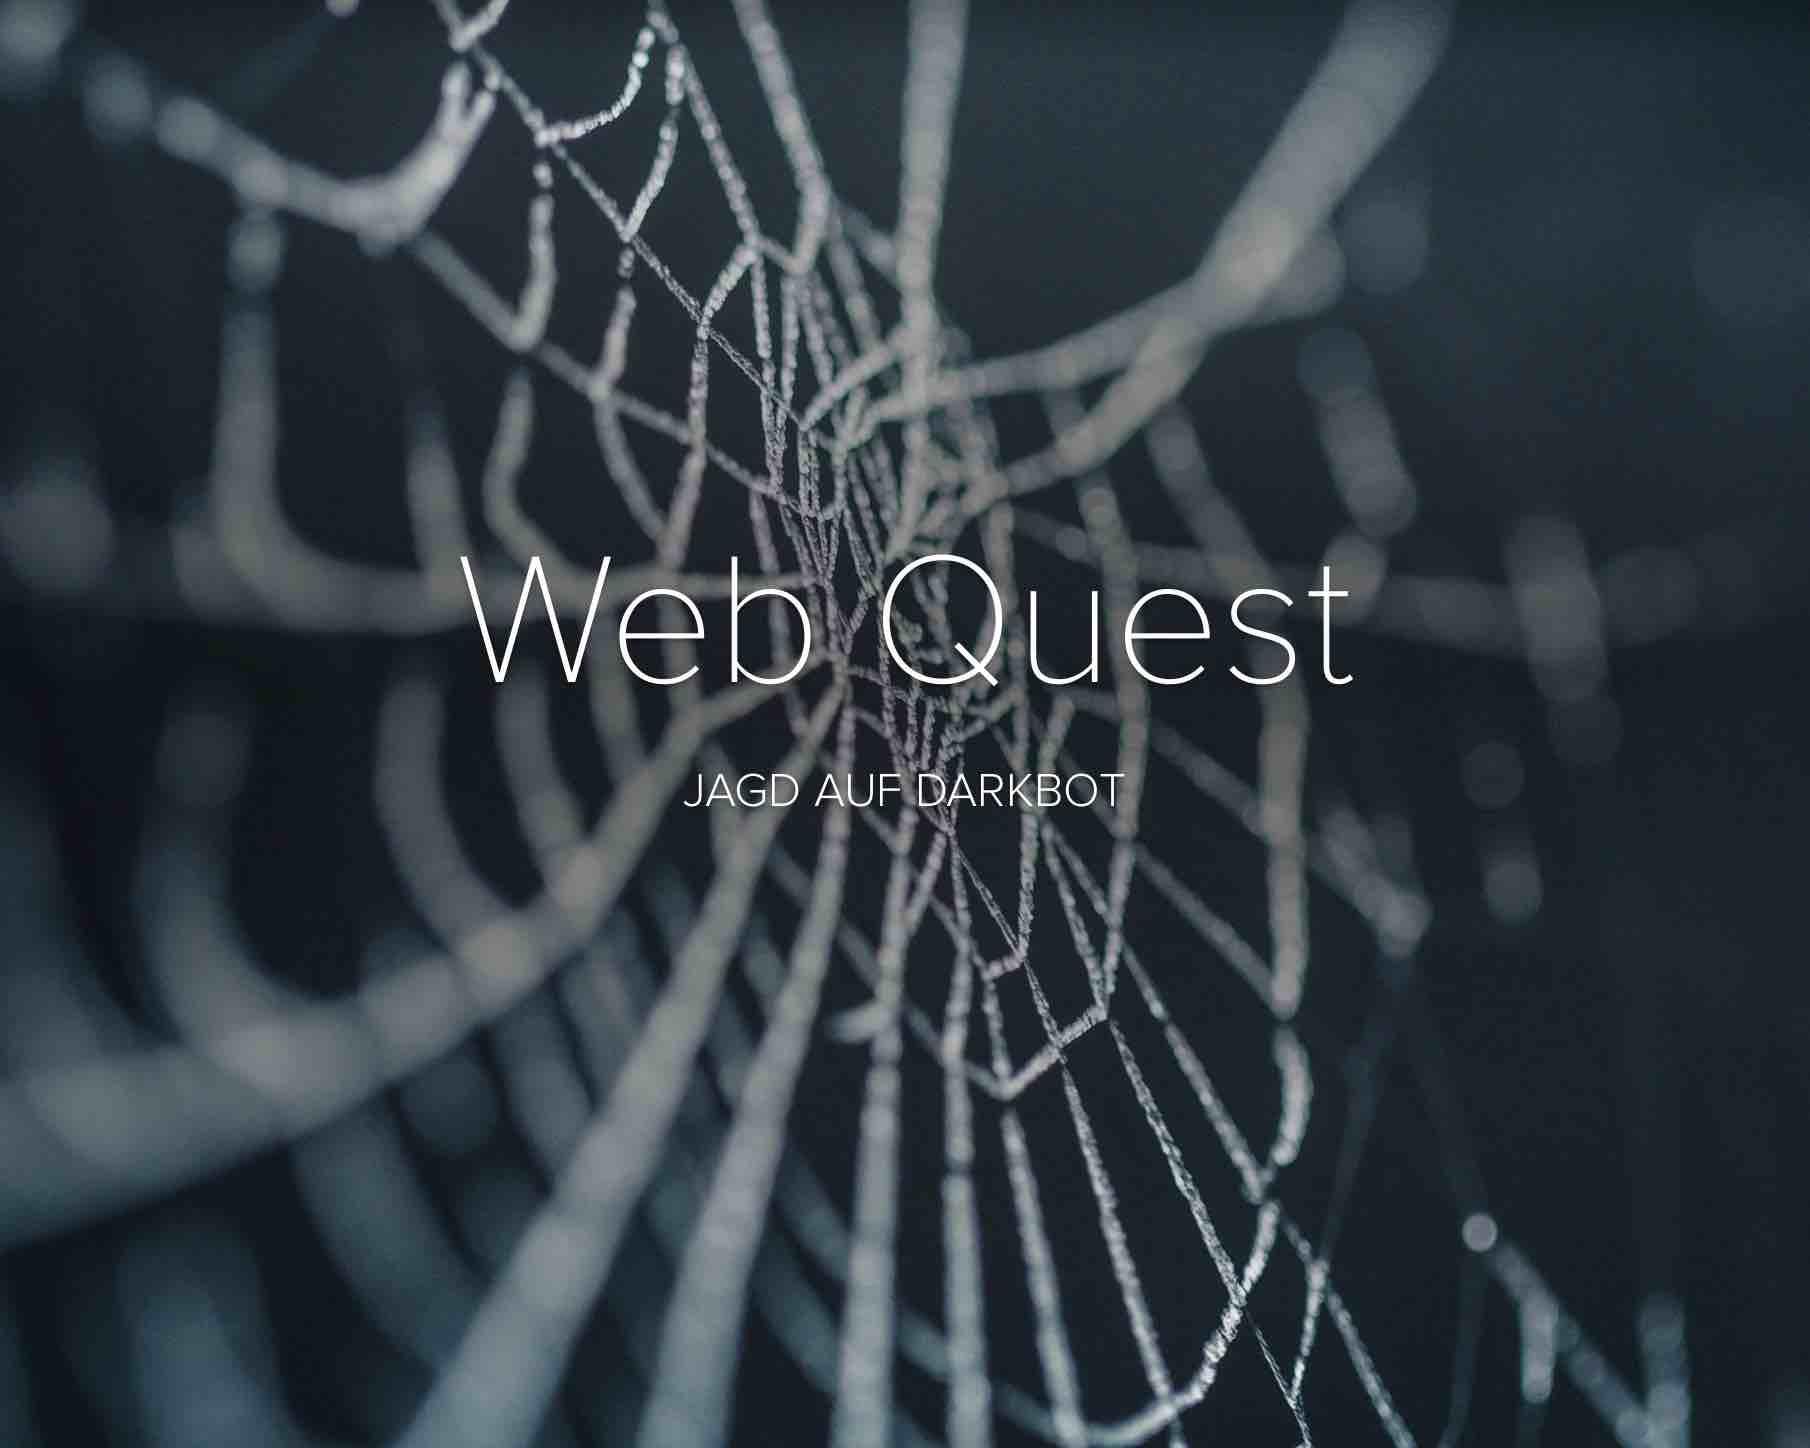 Spinnennetz vor schwarzem Hintergrund